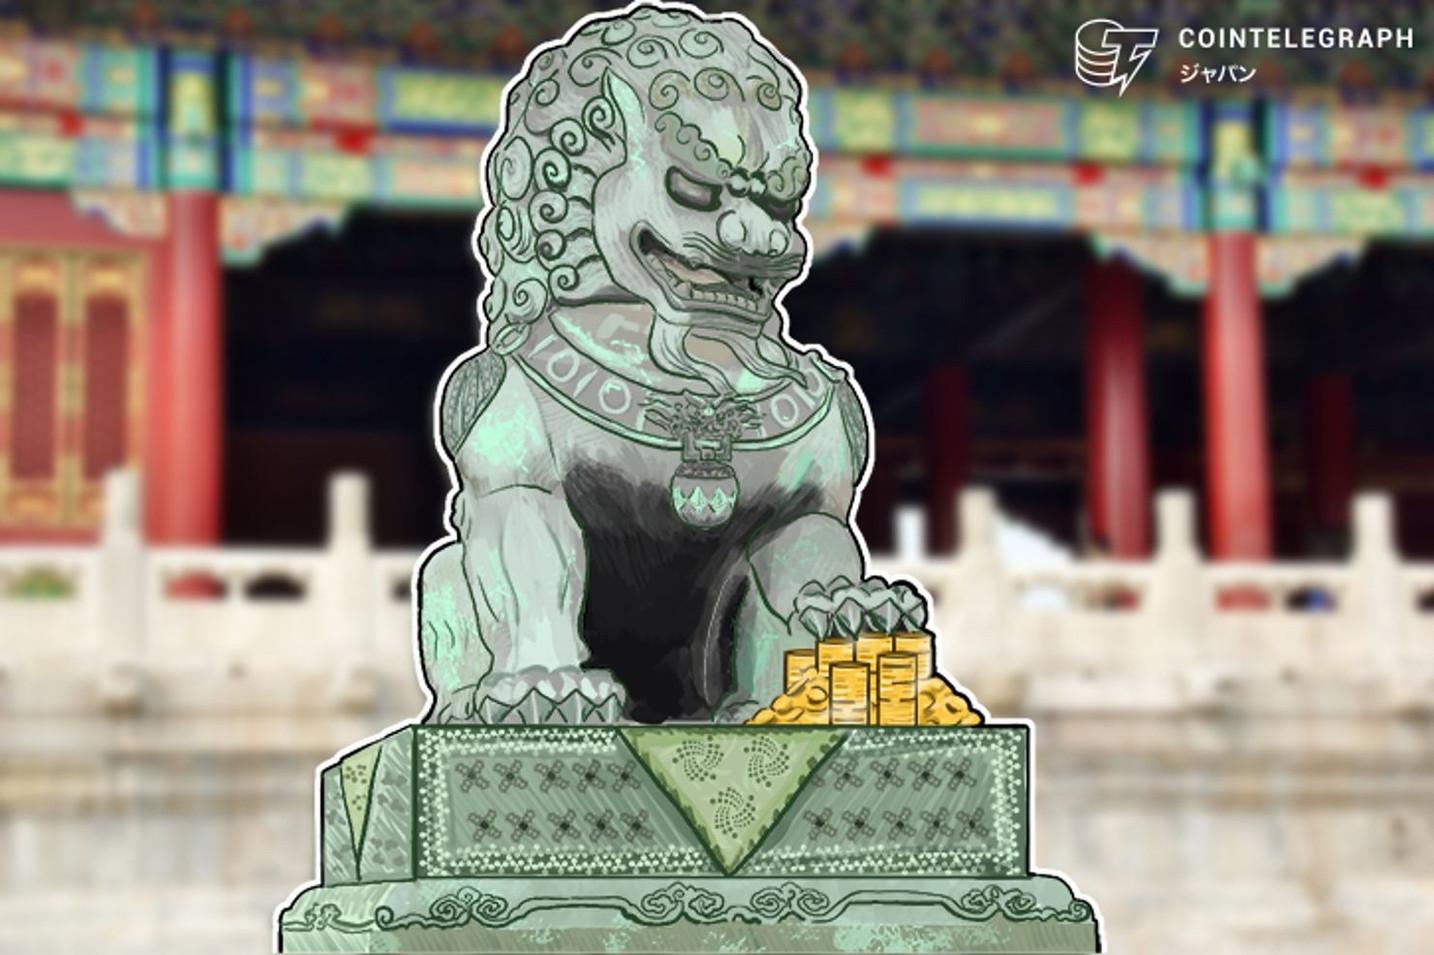 テンセント、仮想通貨銀行を香港で開設準備か=報道【ニュース】